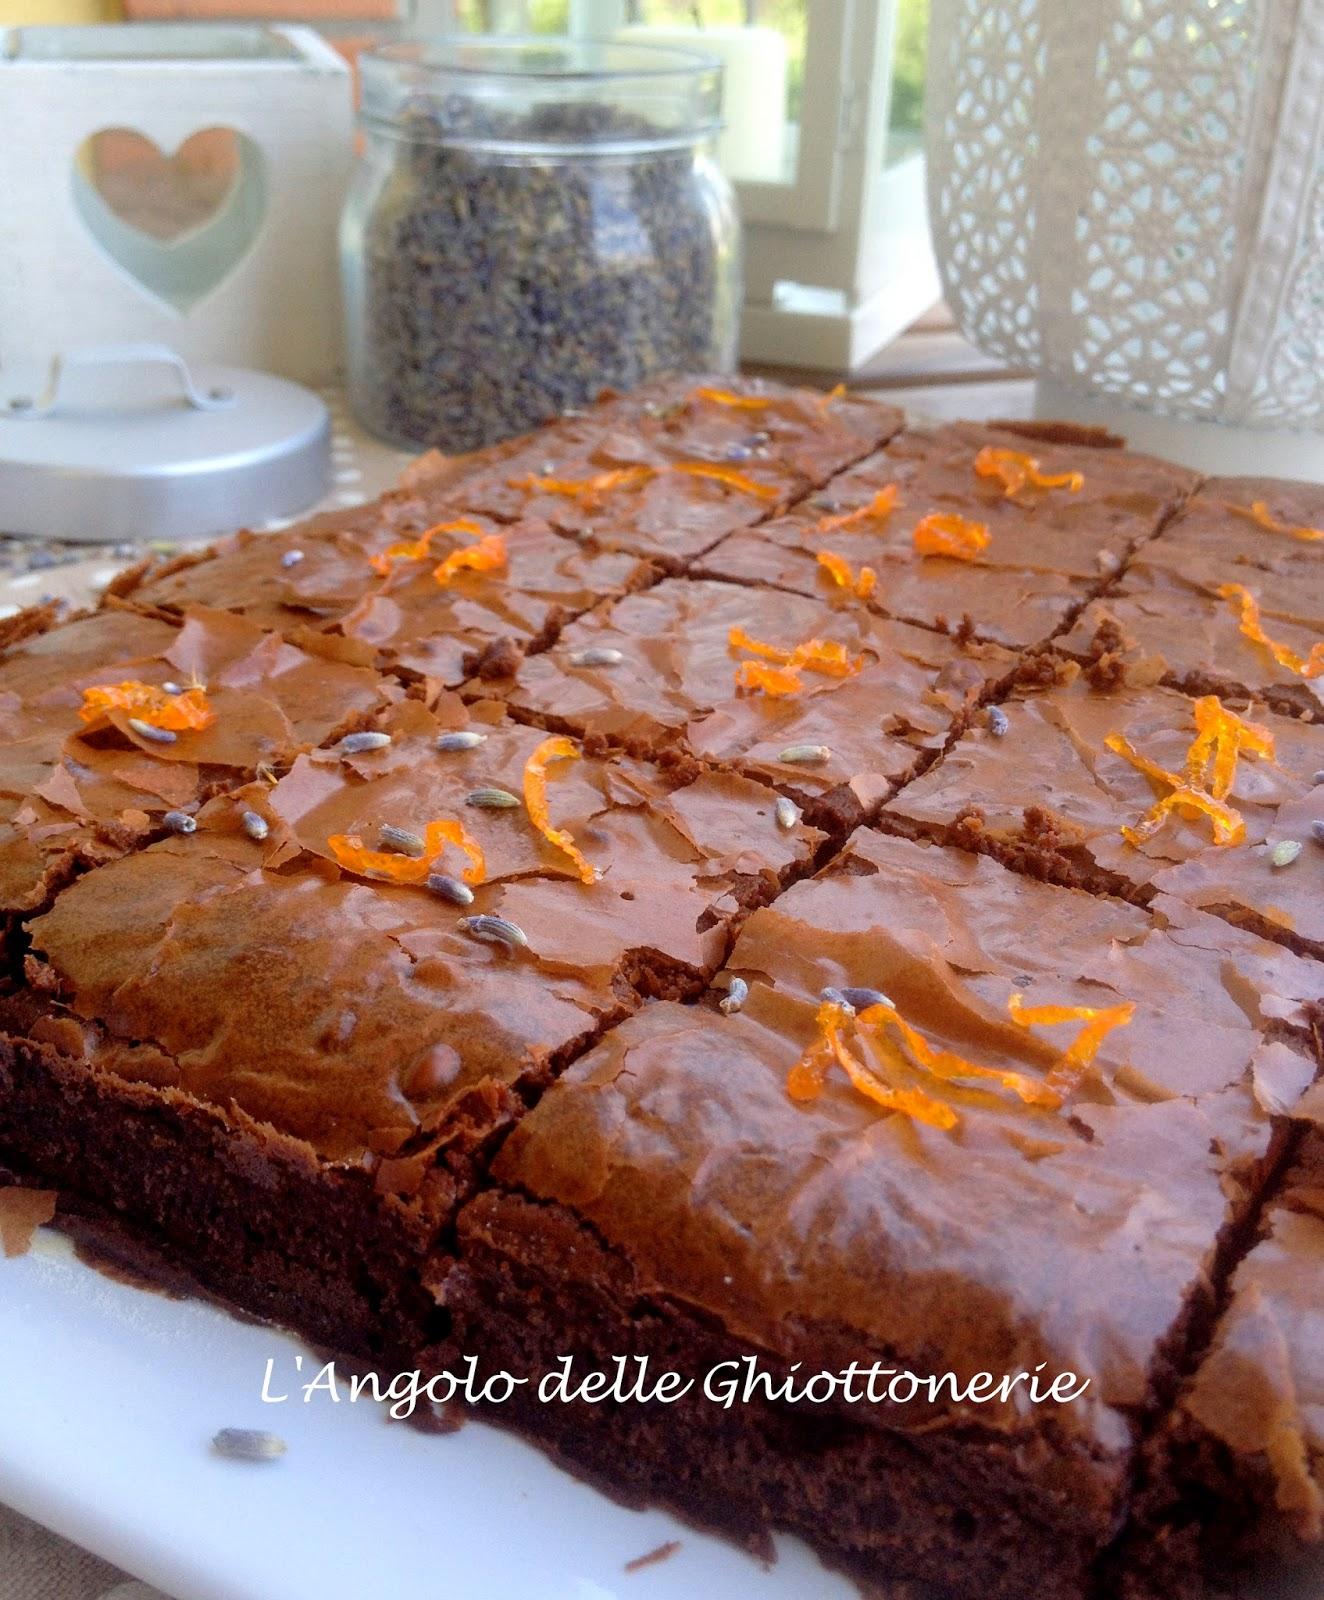 di dolci risvegli e aria di provenza. brownies alla lavanda, con arancia caramellata e fleur de sel